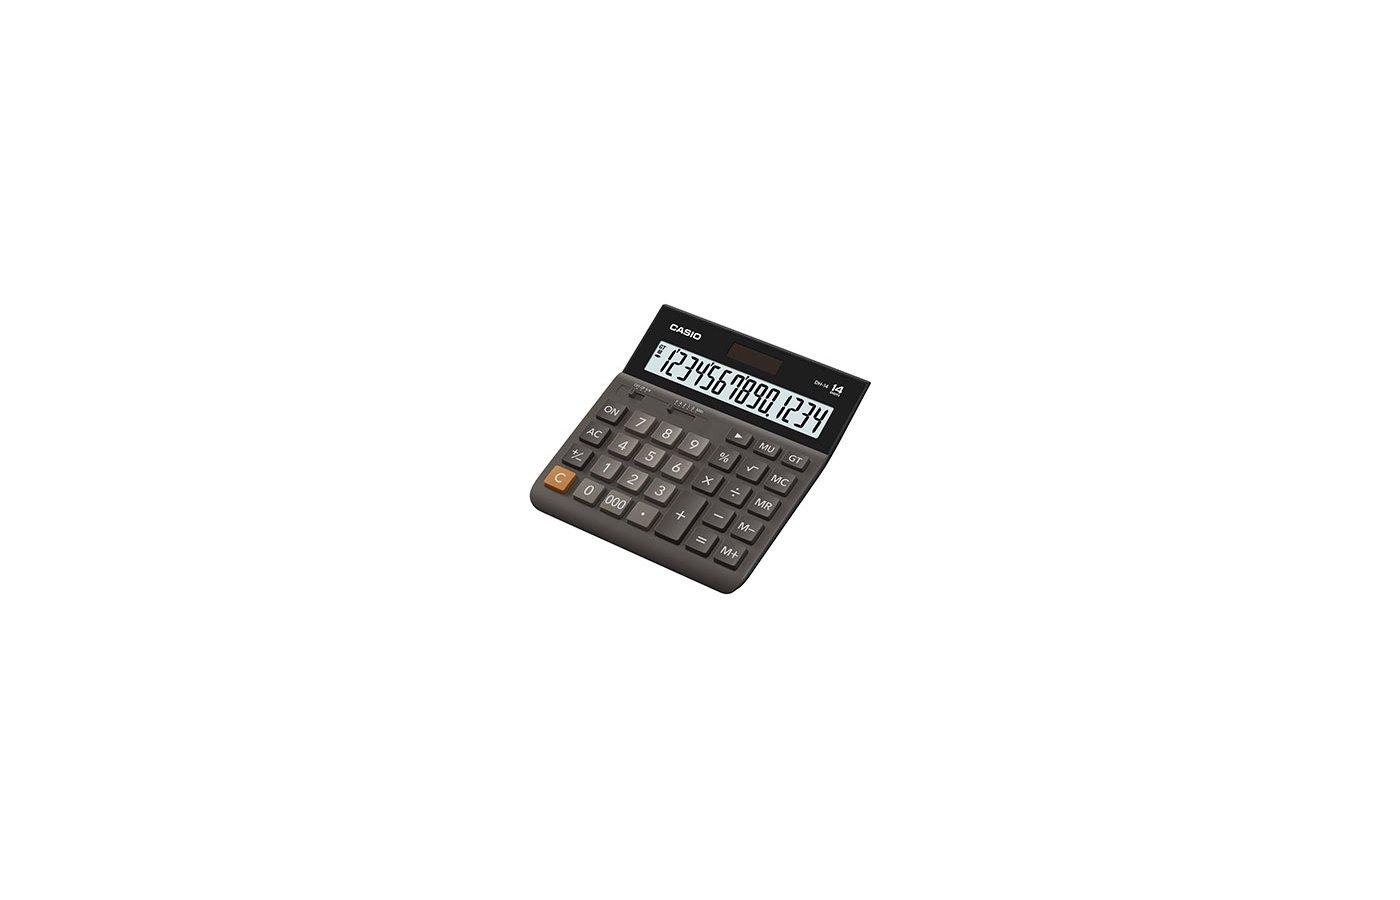 Калькулятор CASIO DH-14 коричневый/черный 14-разр.